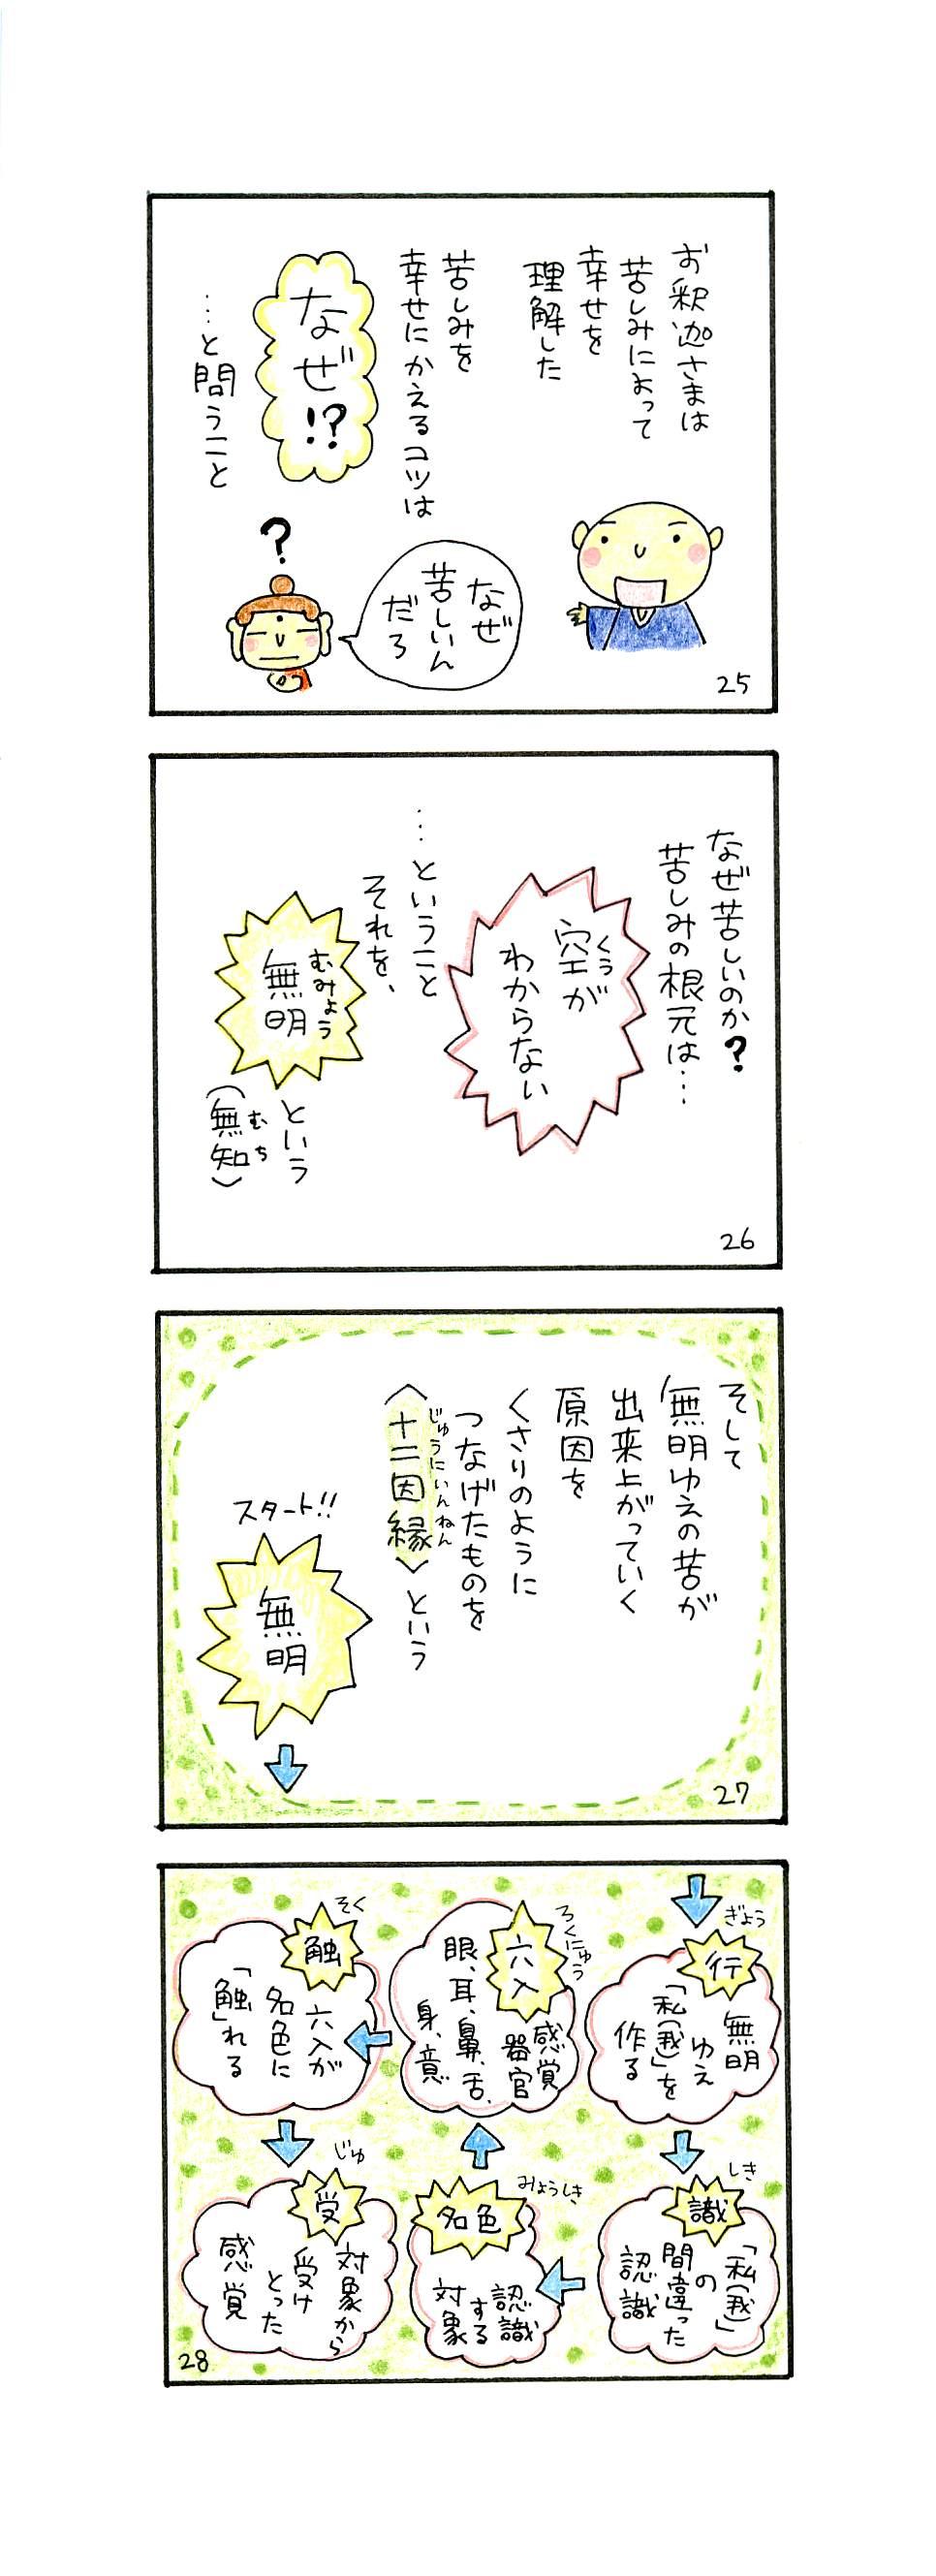 般若心経「無明」p25-p28